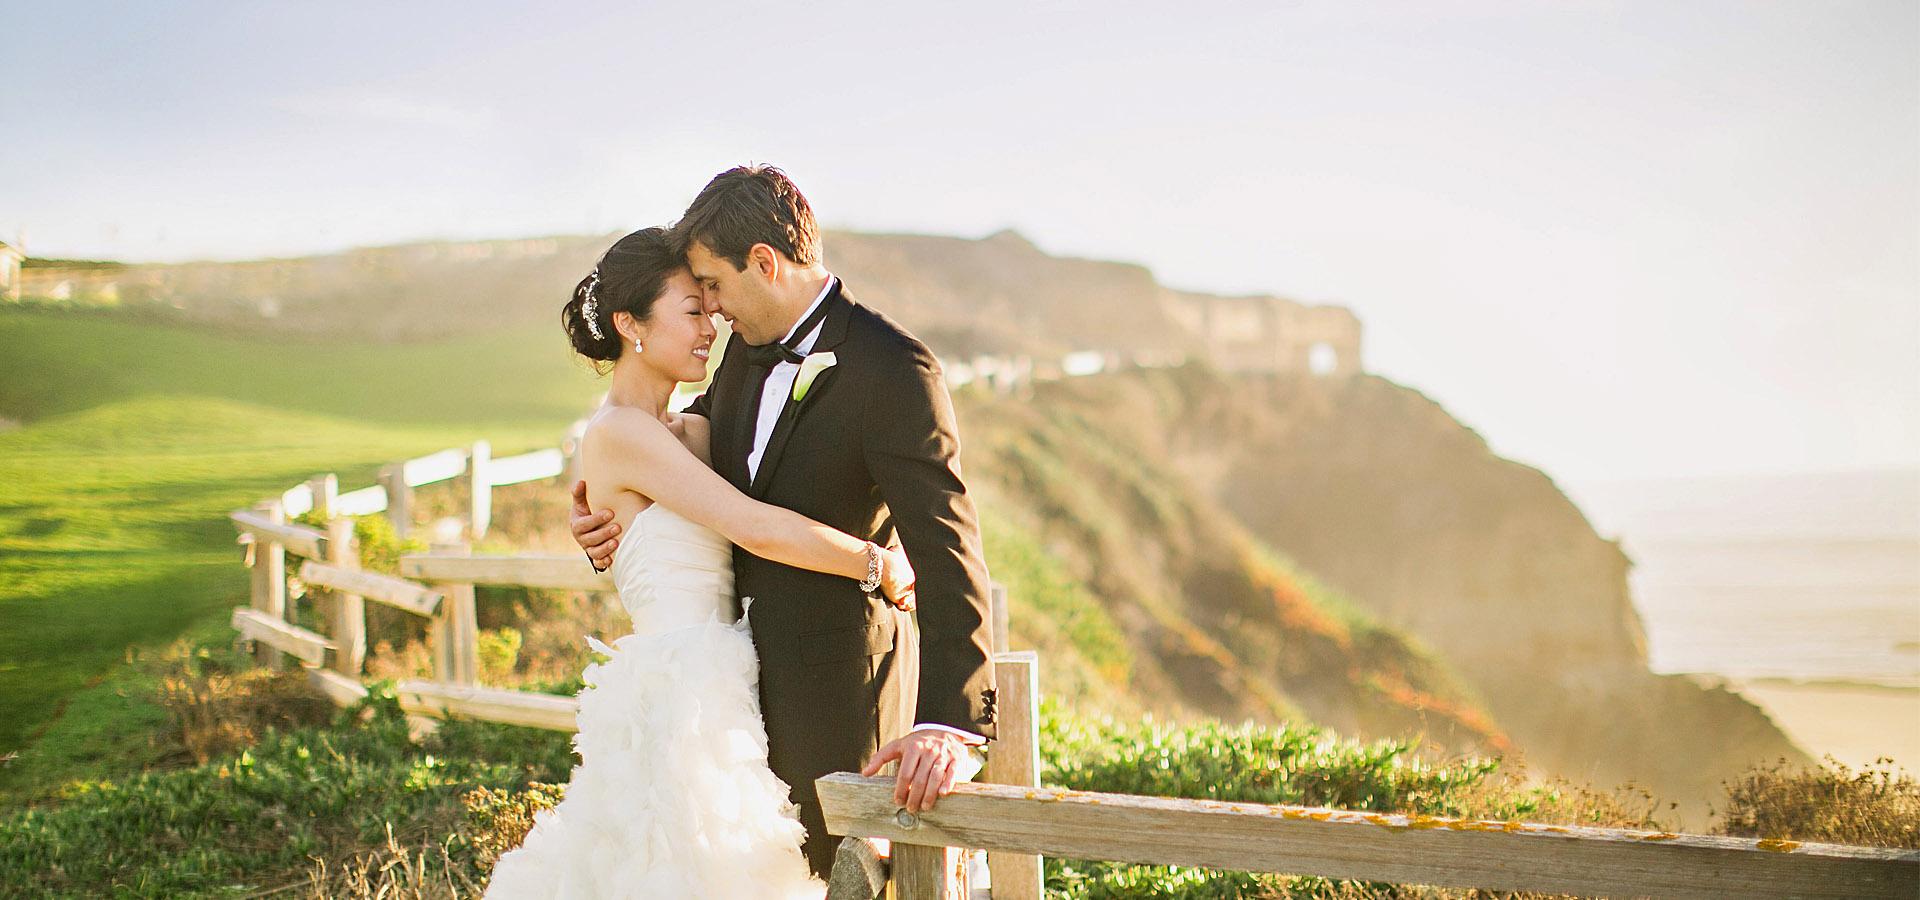 Свадебные тренды - обязательное условие на свадьбе или нет?